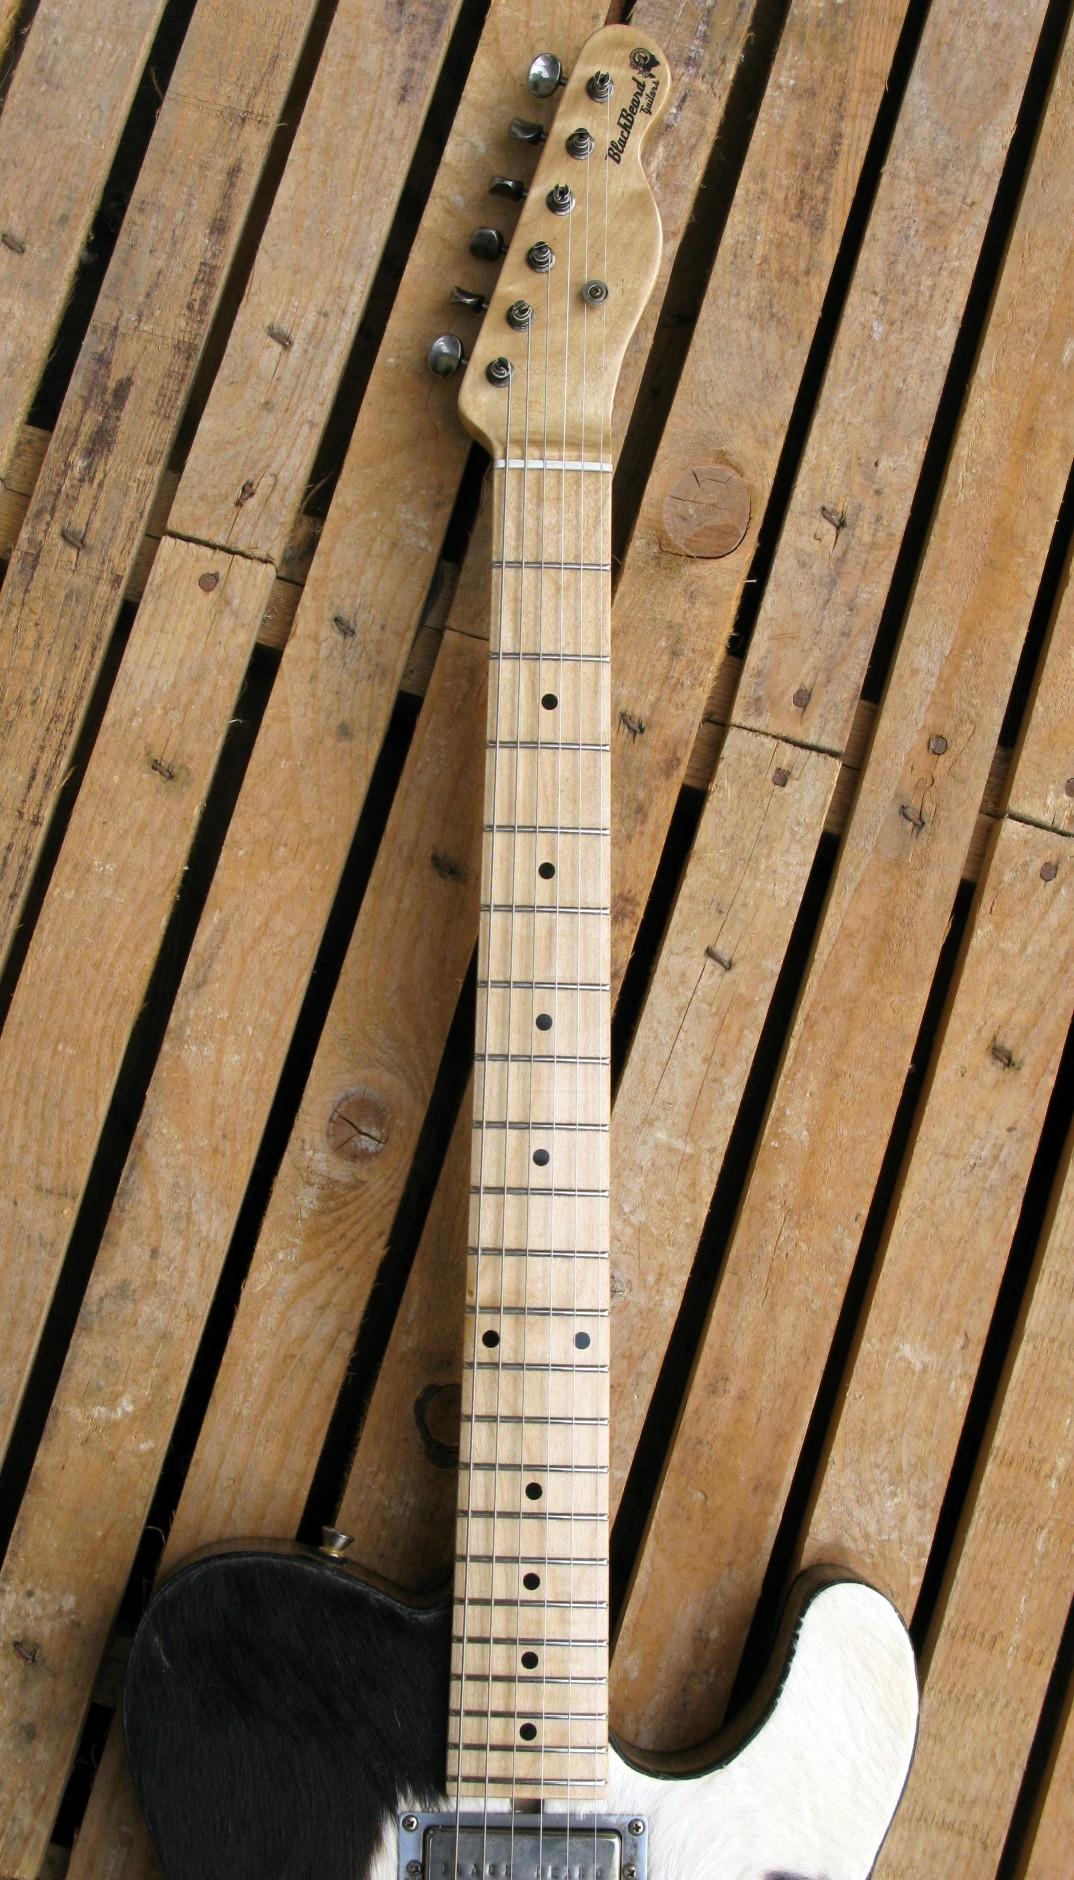 Manico in acero di una chitarra Telecaster in castagno con top in pelle di mucca